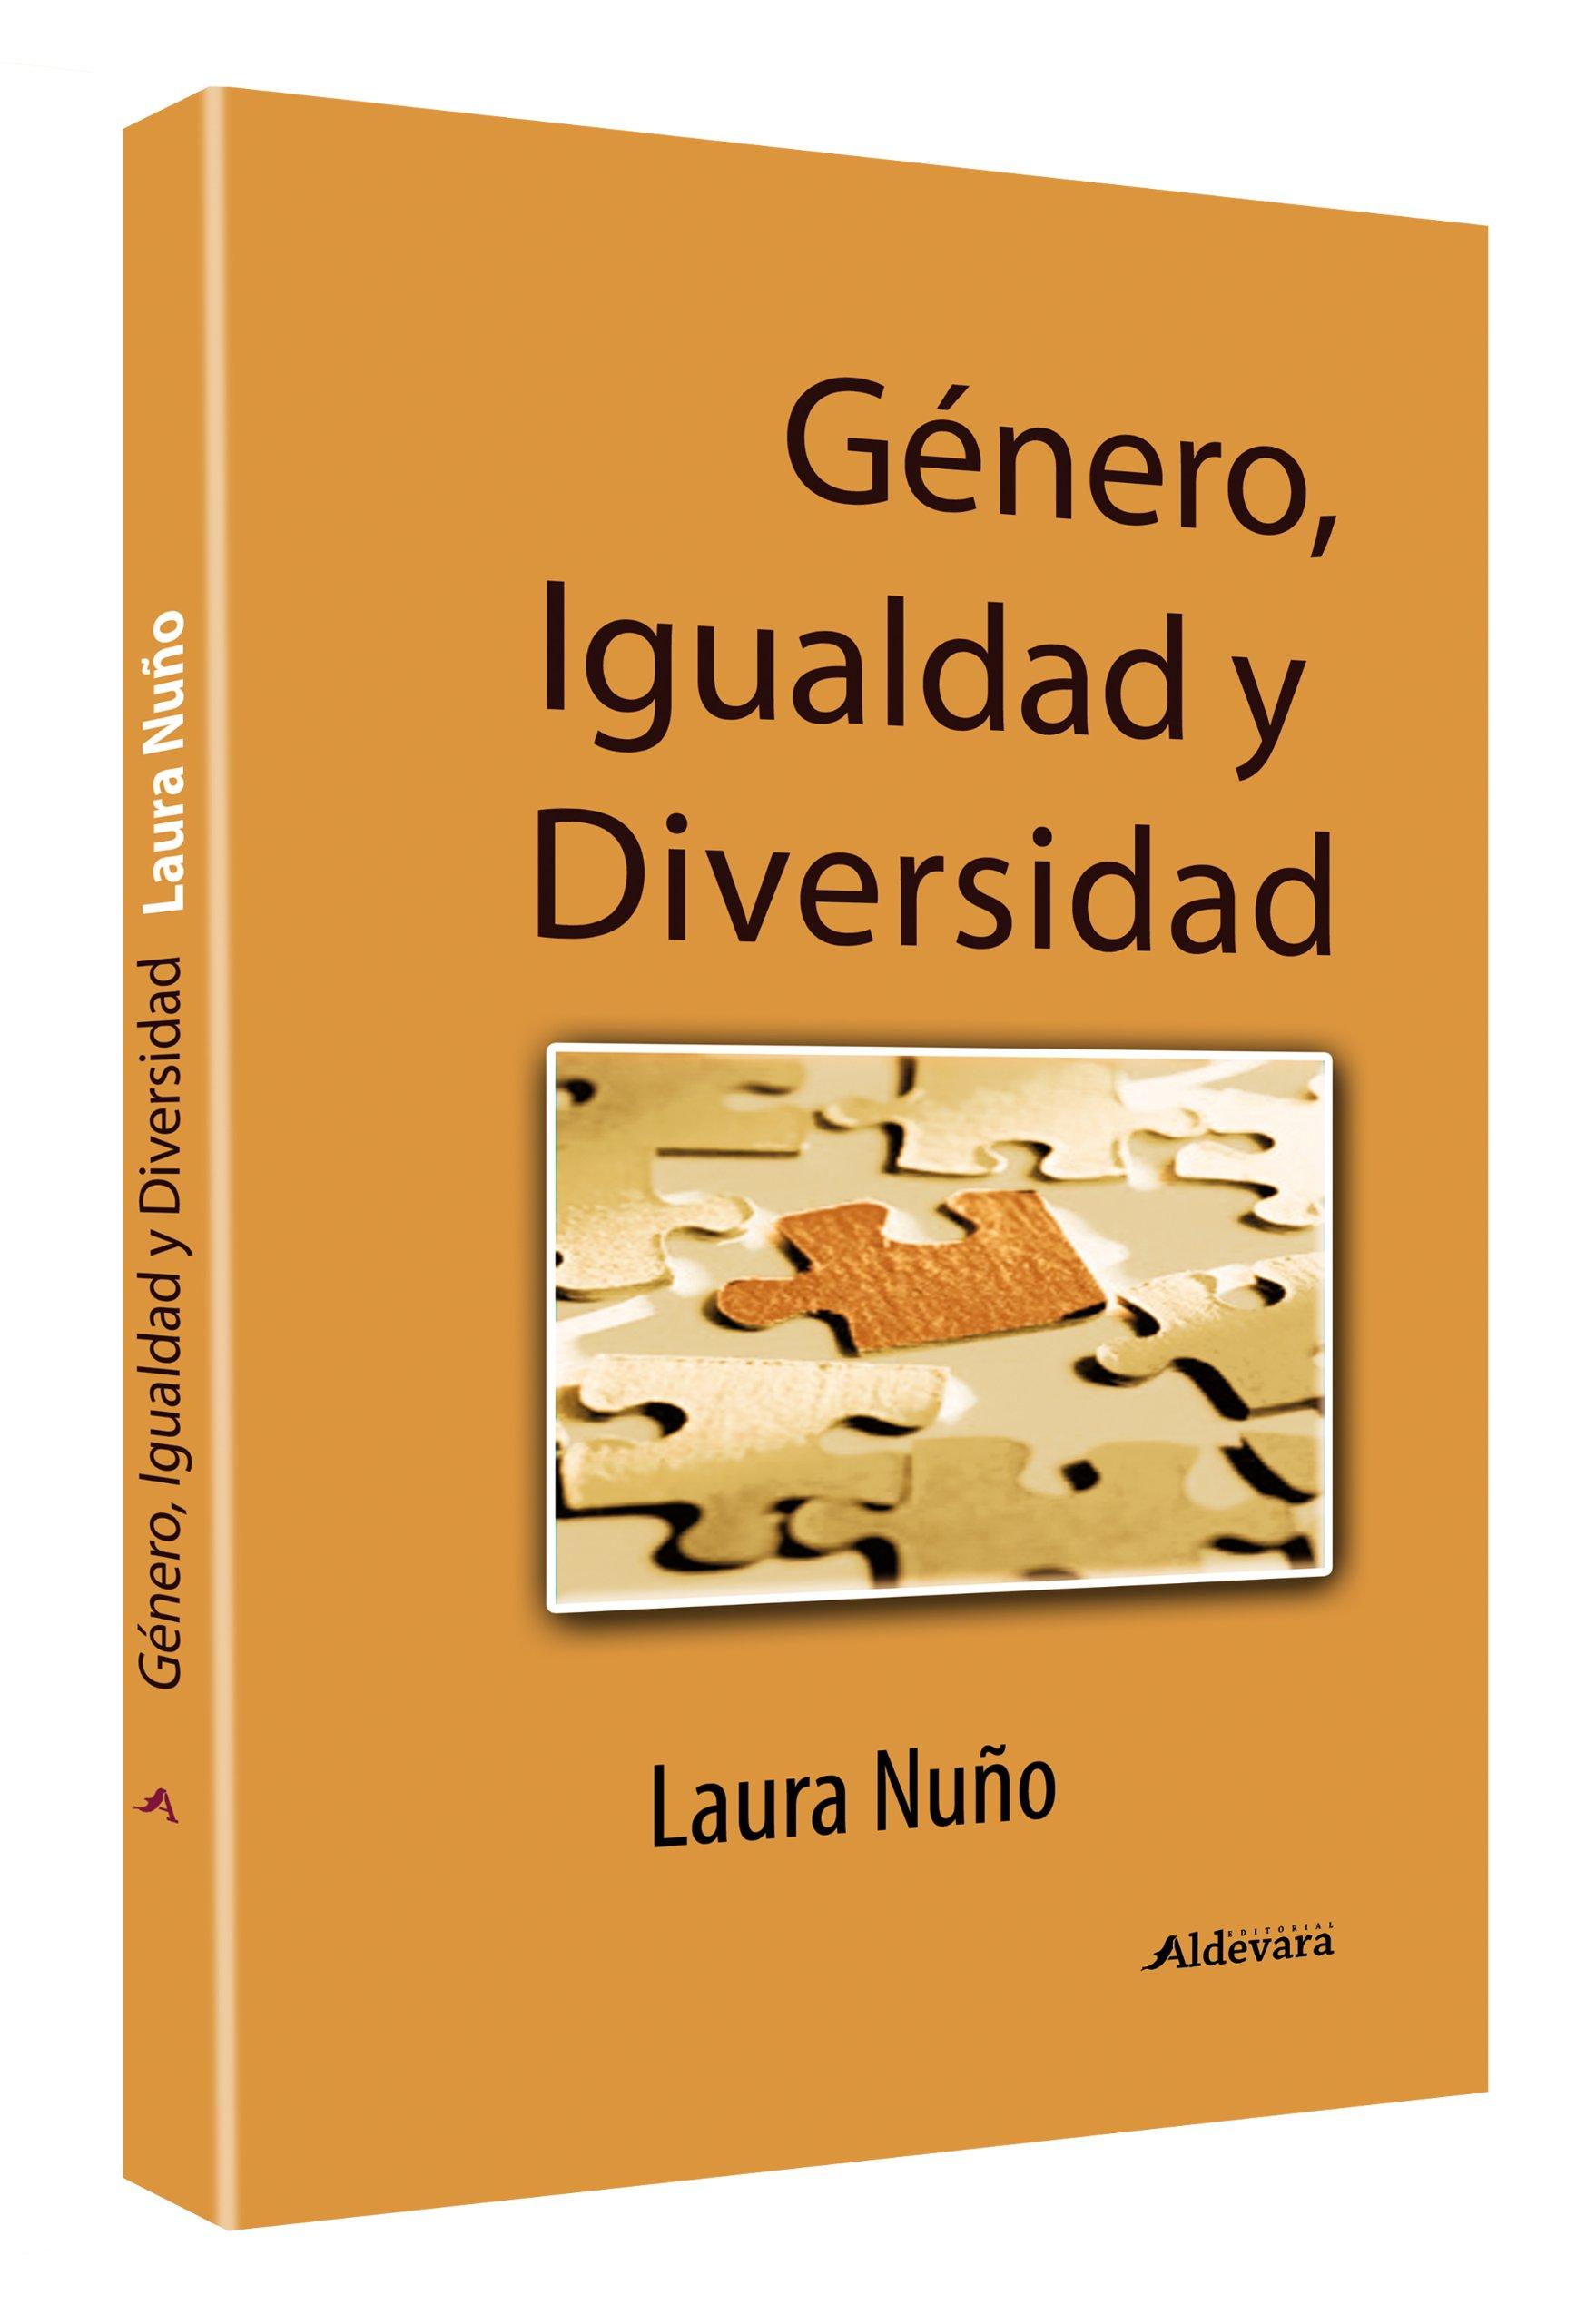 Género, Igualdad Y Diversidad: Amazon.es: Laura Nuño Gómez: Libros